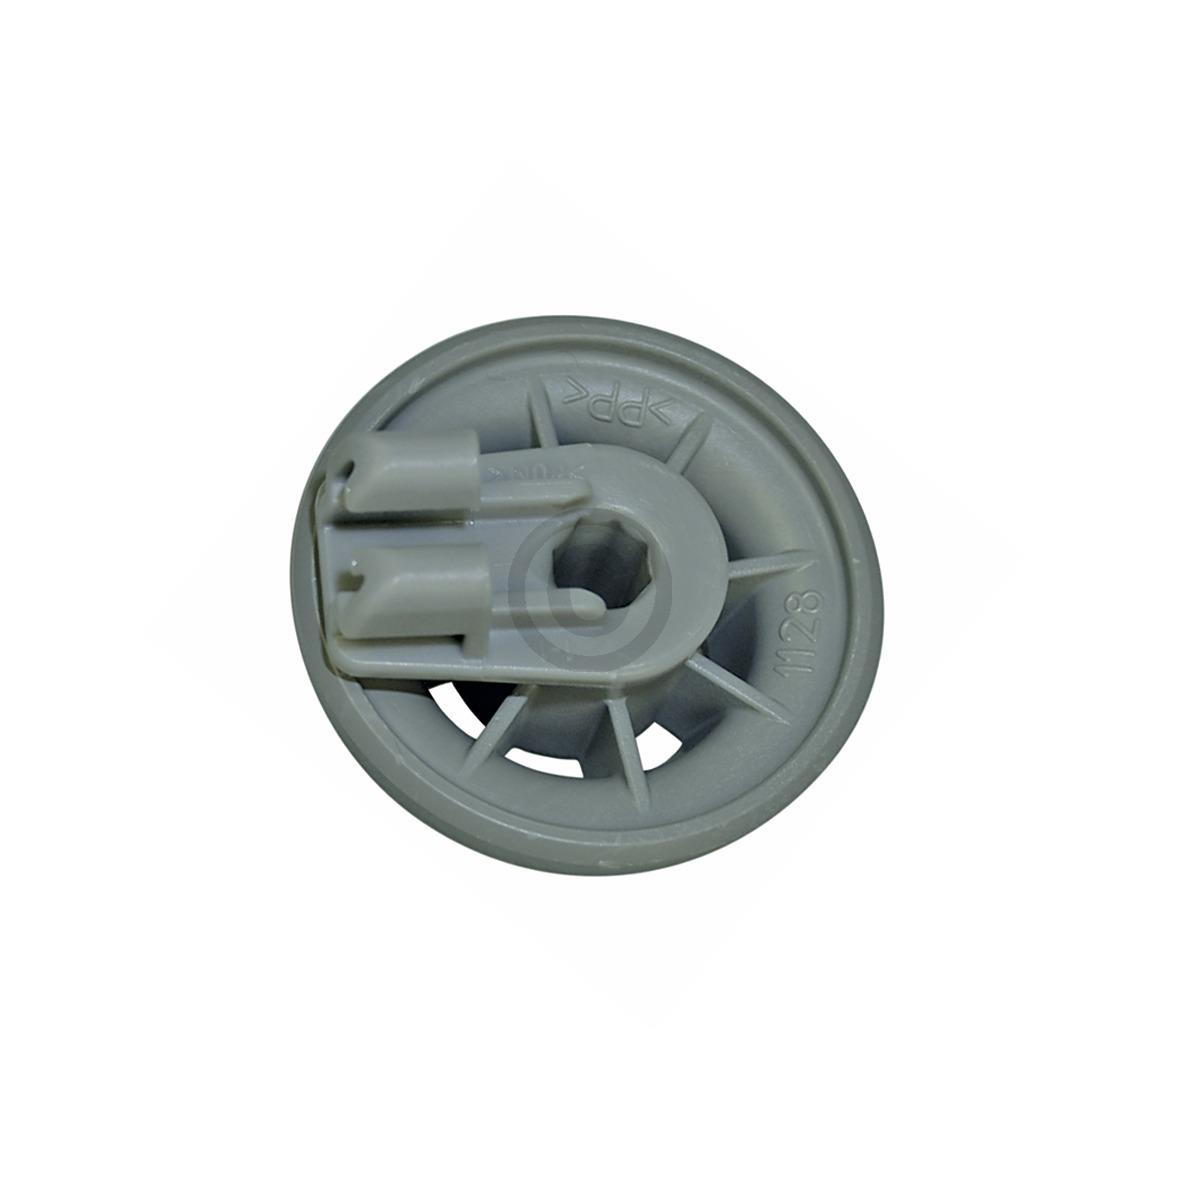 Korbrolle für Unterkorb, 1 Stück 00611475 611475 Bosch, Siemens, Neff